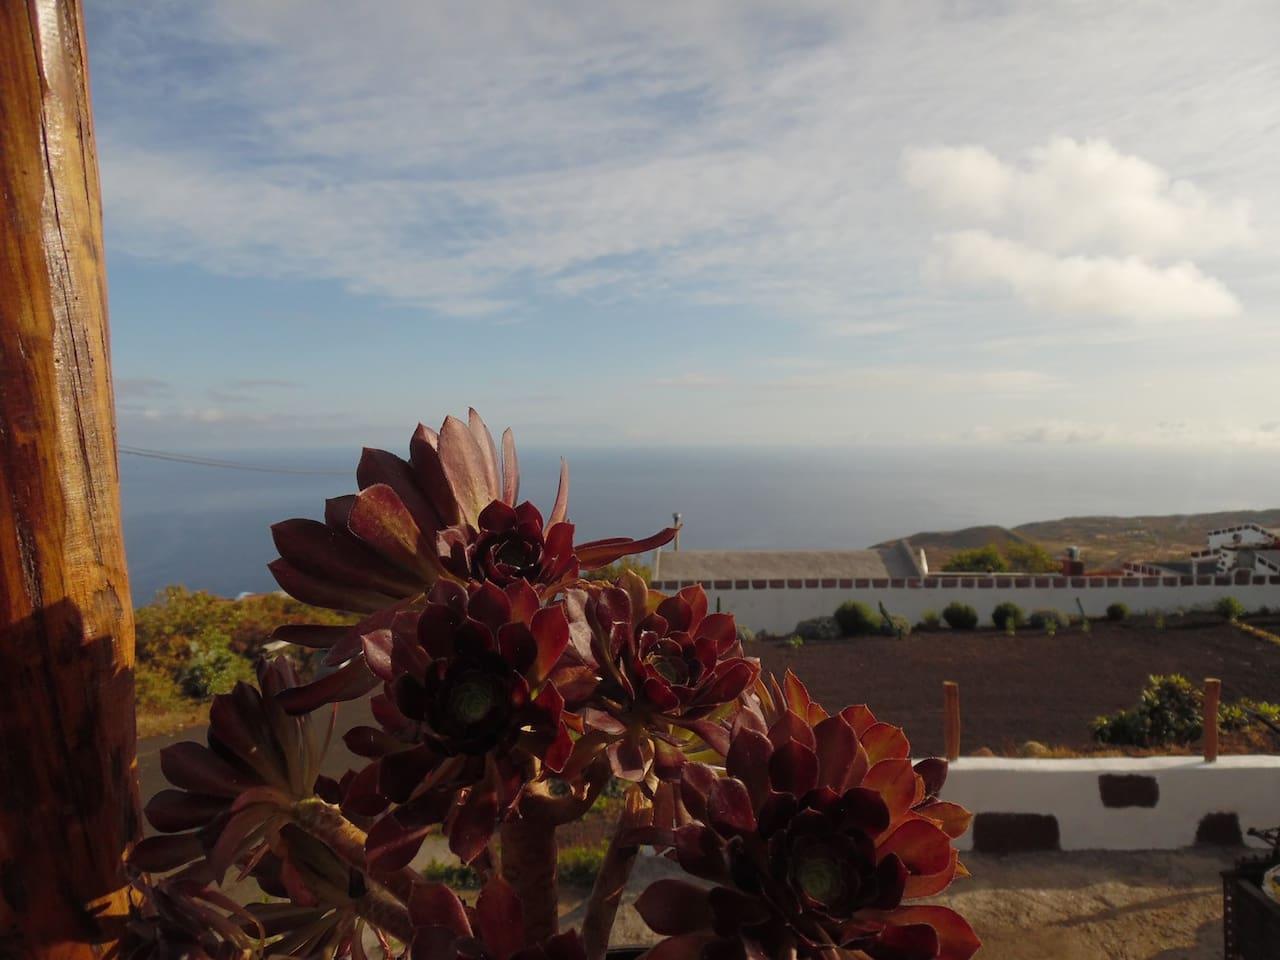 Desde nuestra terraza podrás disfrutar de unas vistas maravillosas del Océano Atlántico con las isla de La Palma al horizonte.